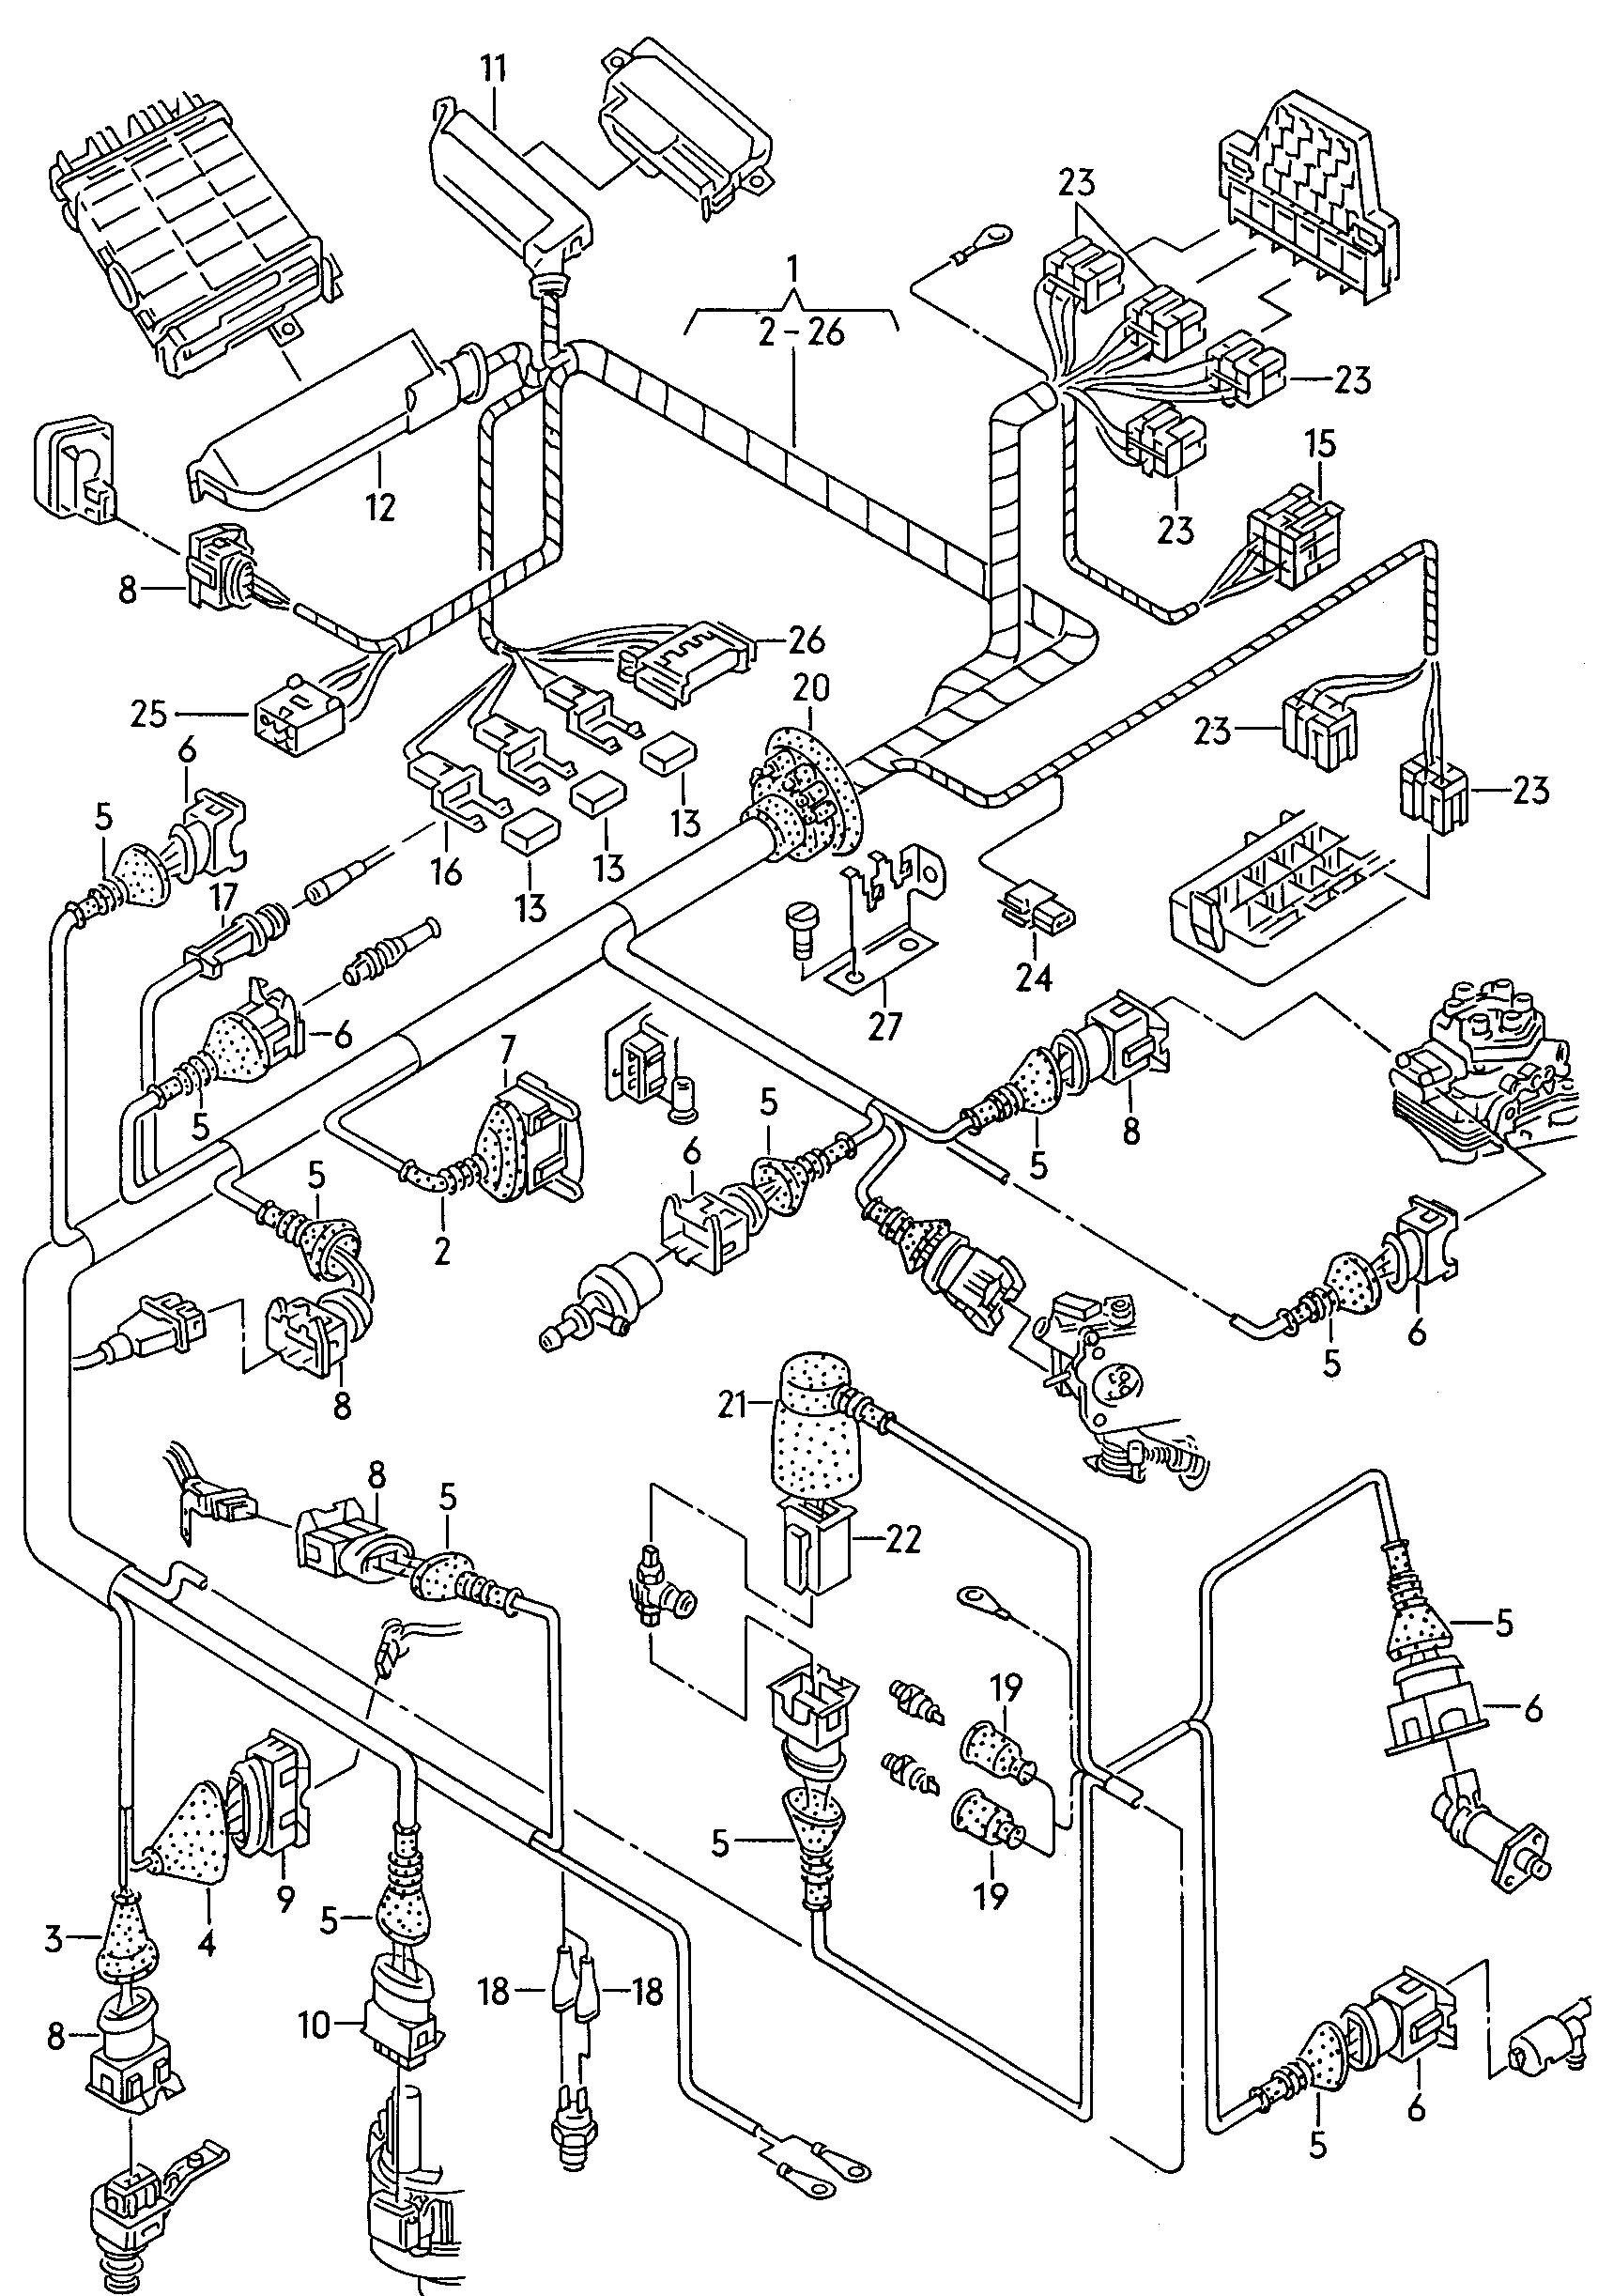 audi 100/avant quattro (1993 - 1994) / vag etka